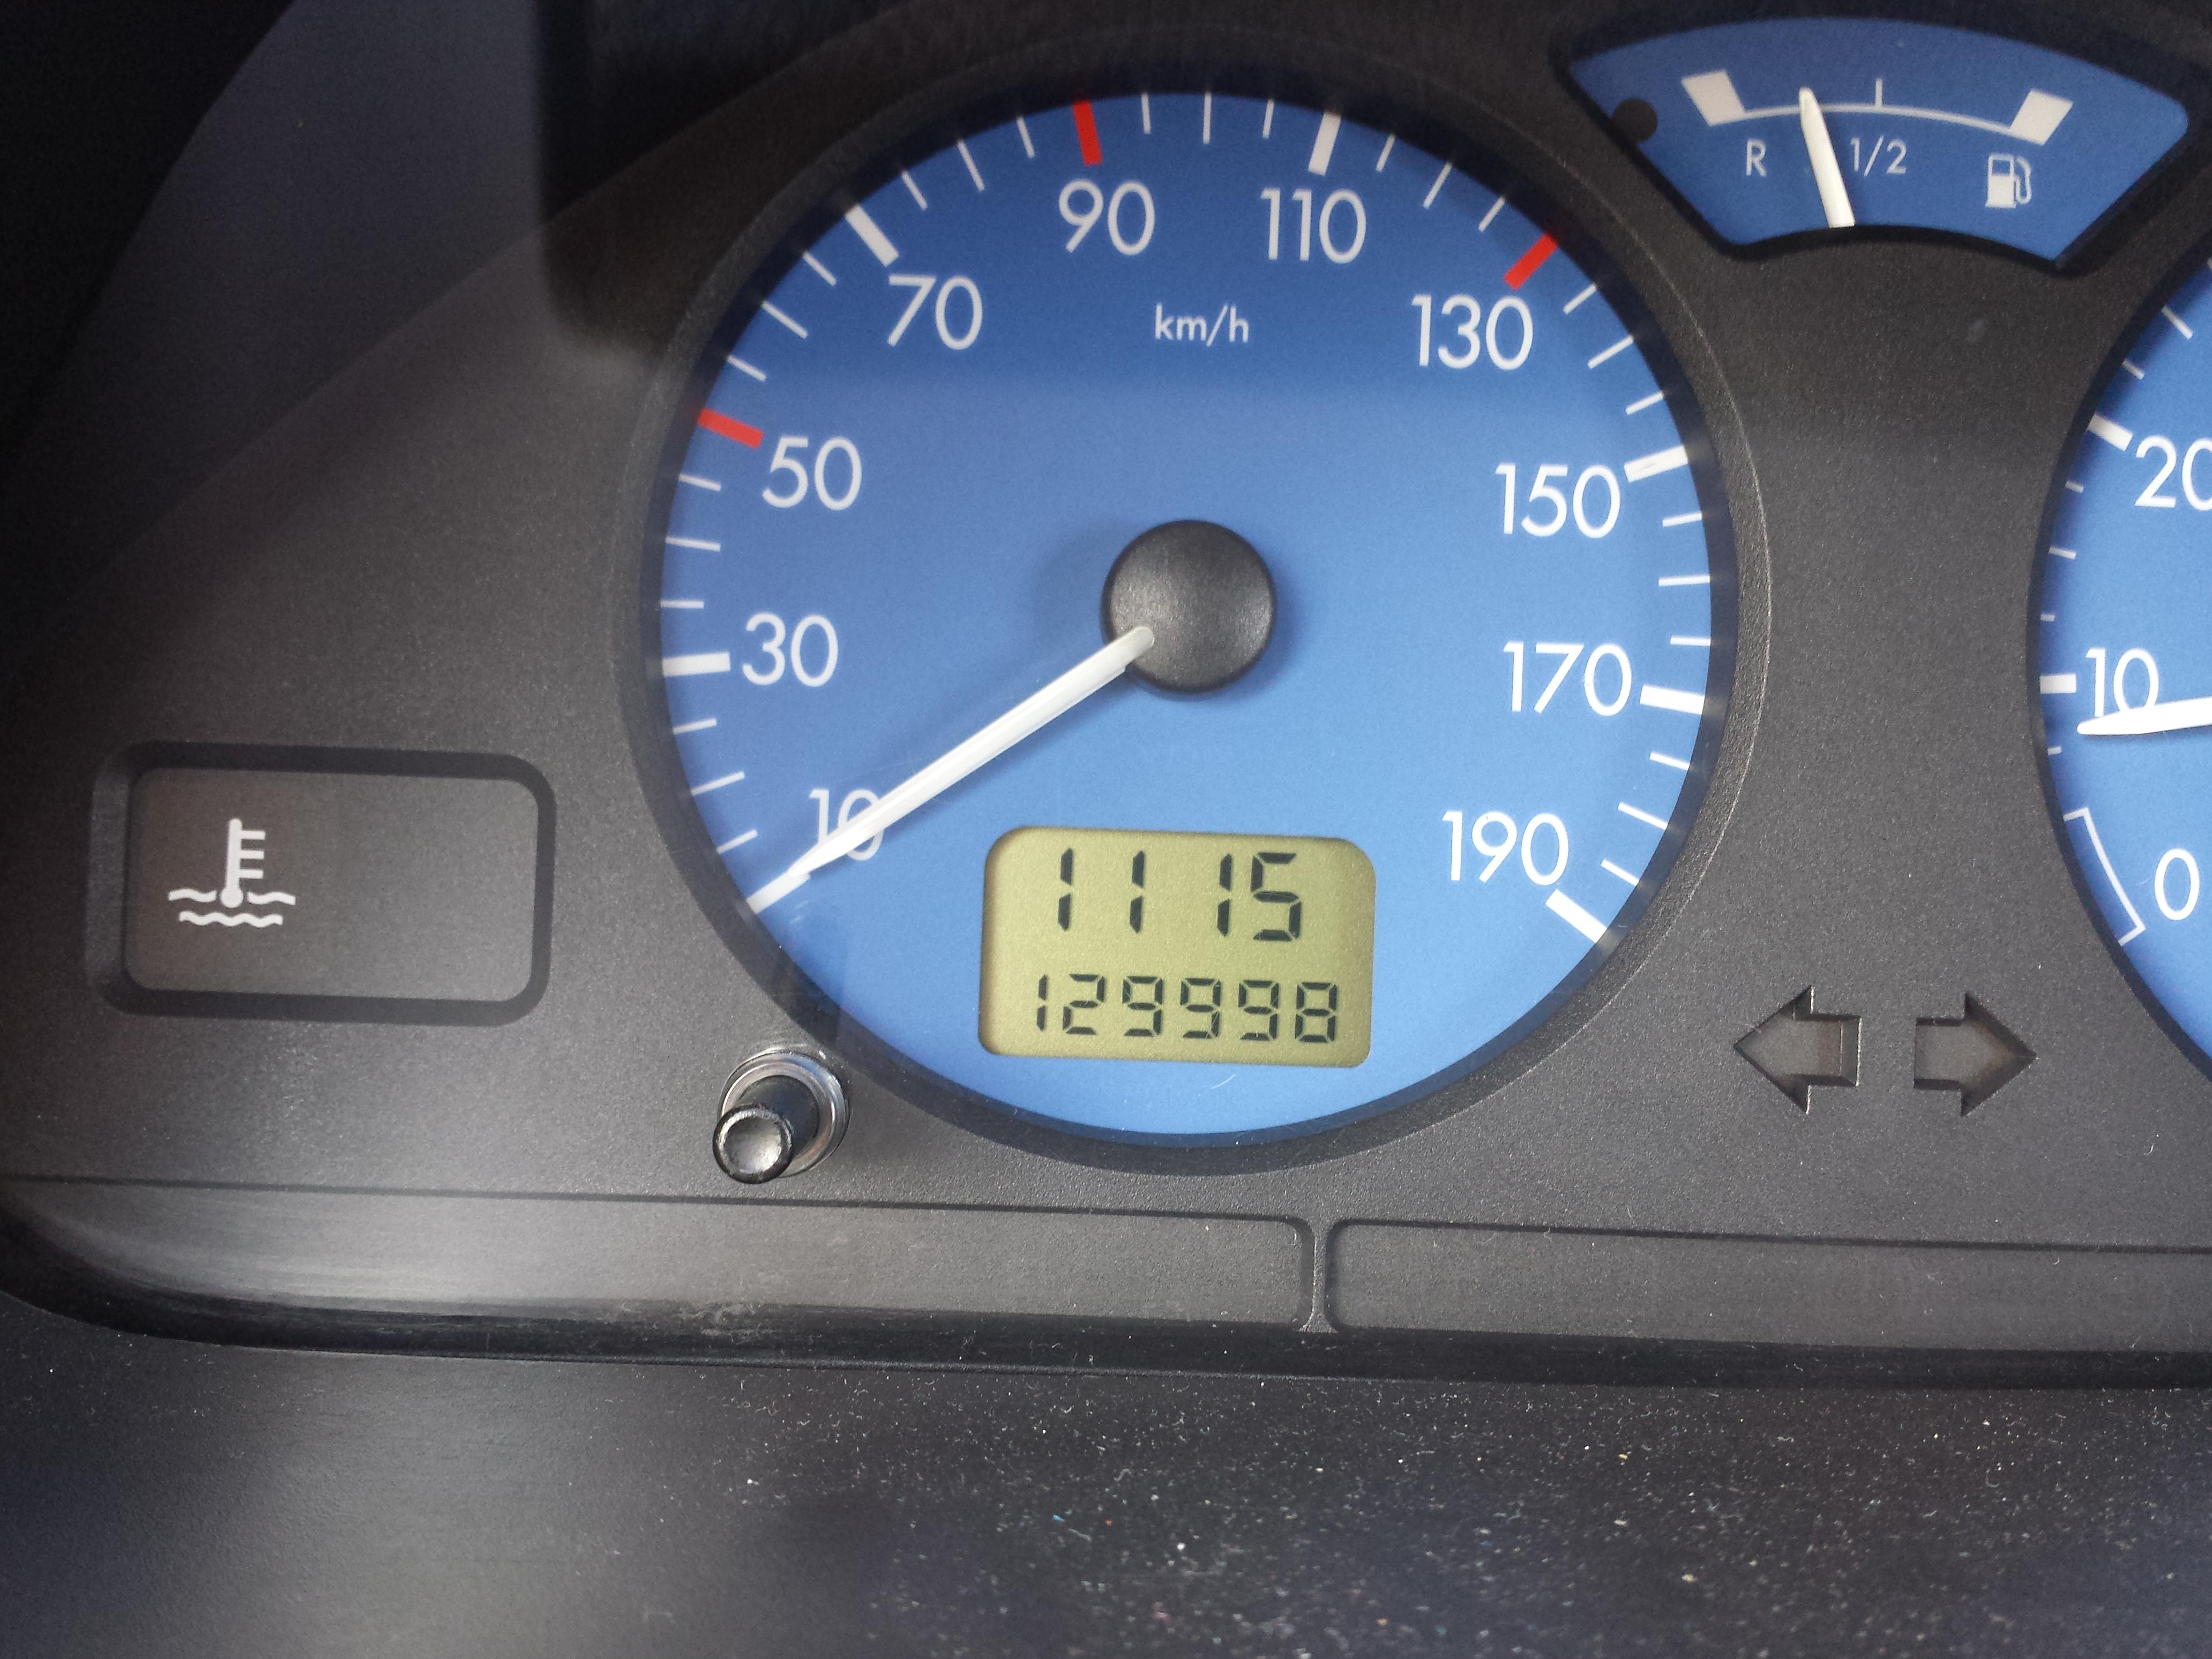 129998 kilometres saxo